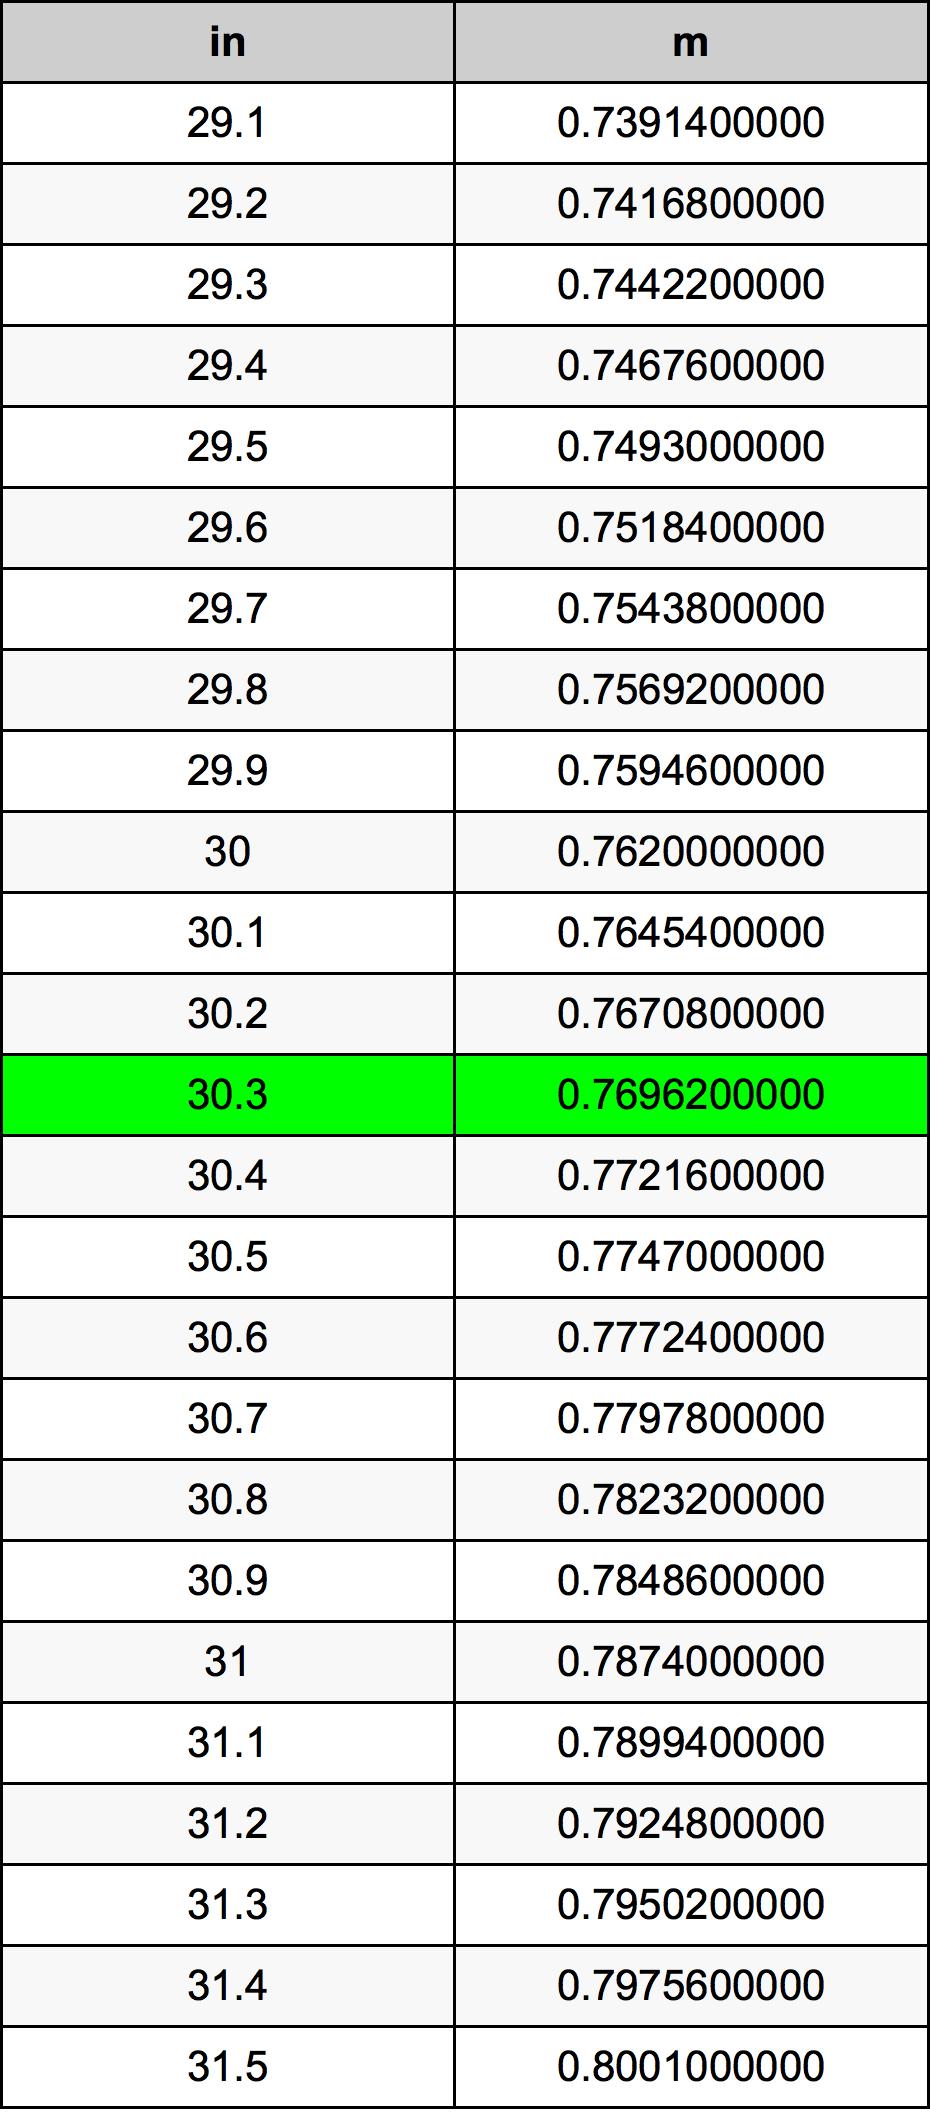 30.3 дюйм Таблиця перетворення